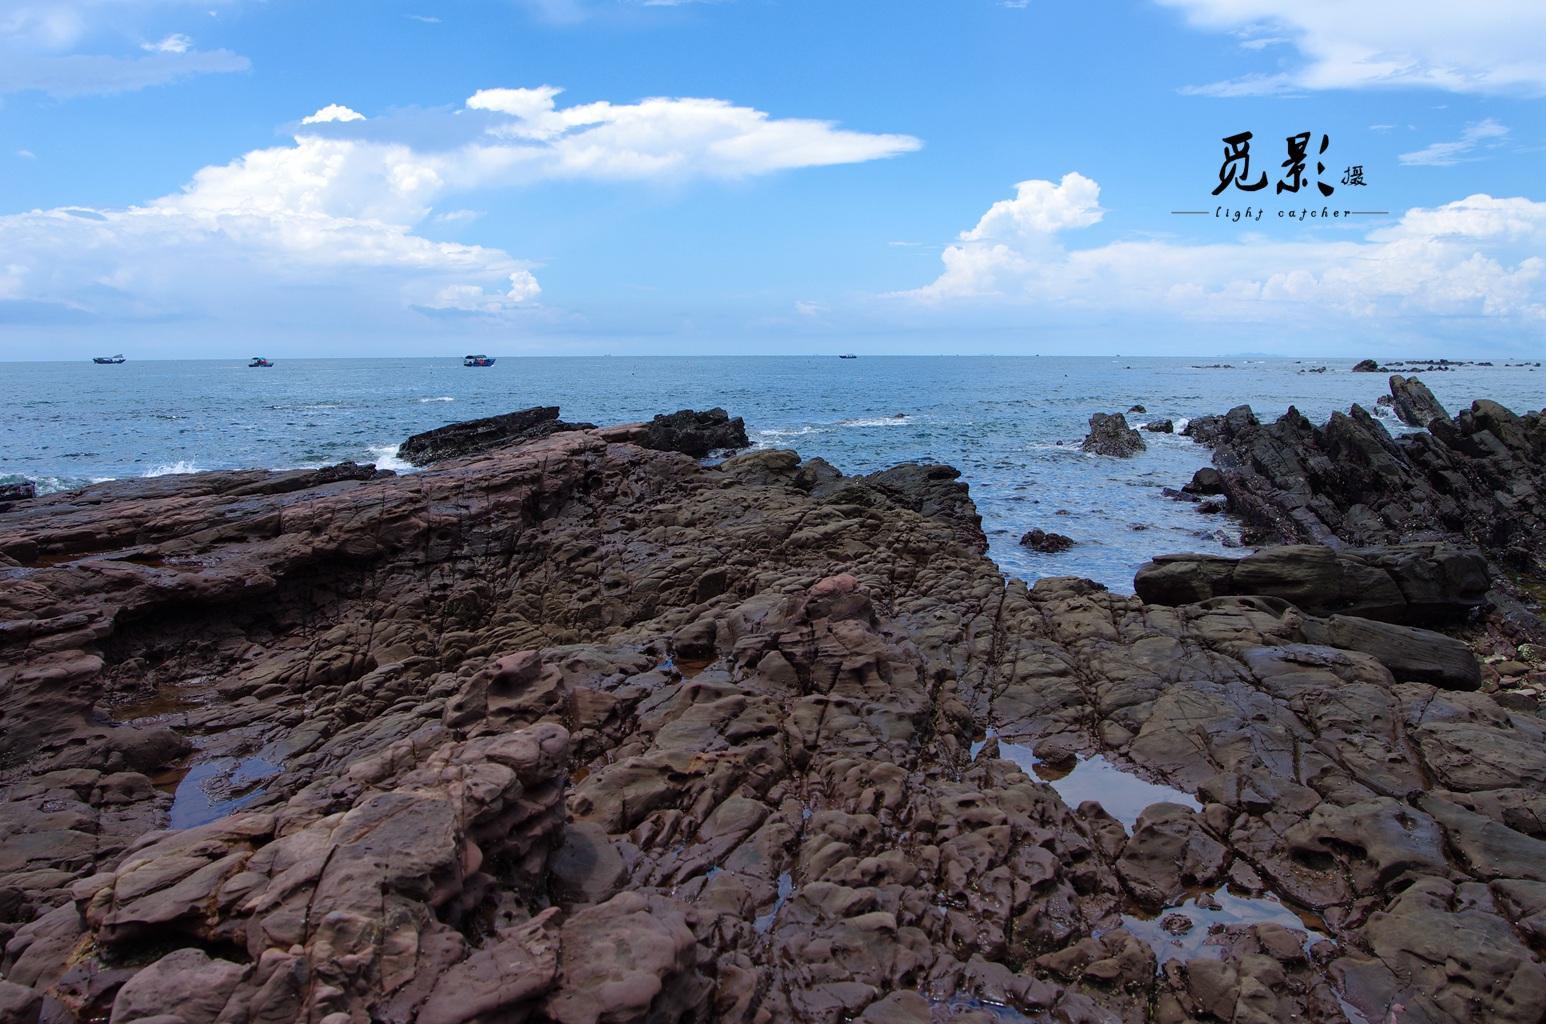 [独立成团]边城东兴、珍珠湾红树林栈道、江山半岛白浪滩、怪石滩2天游